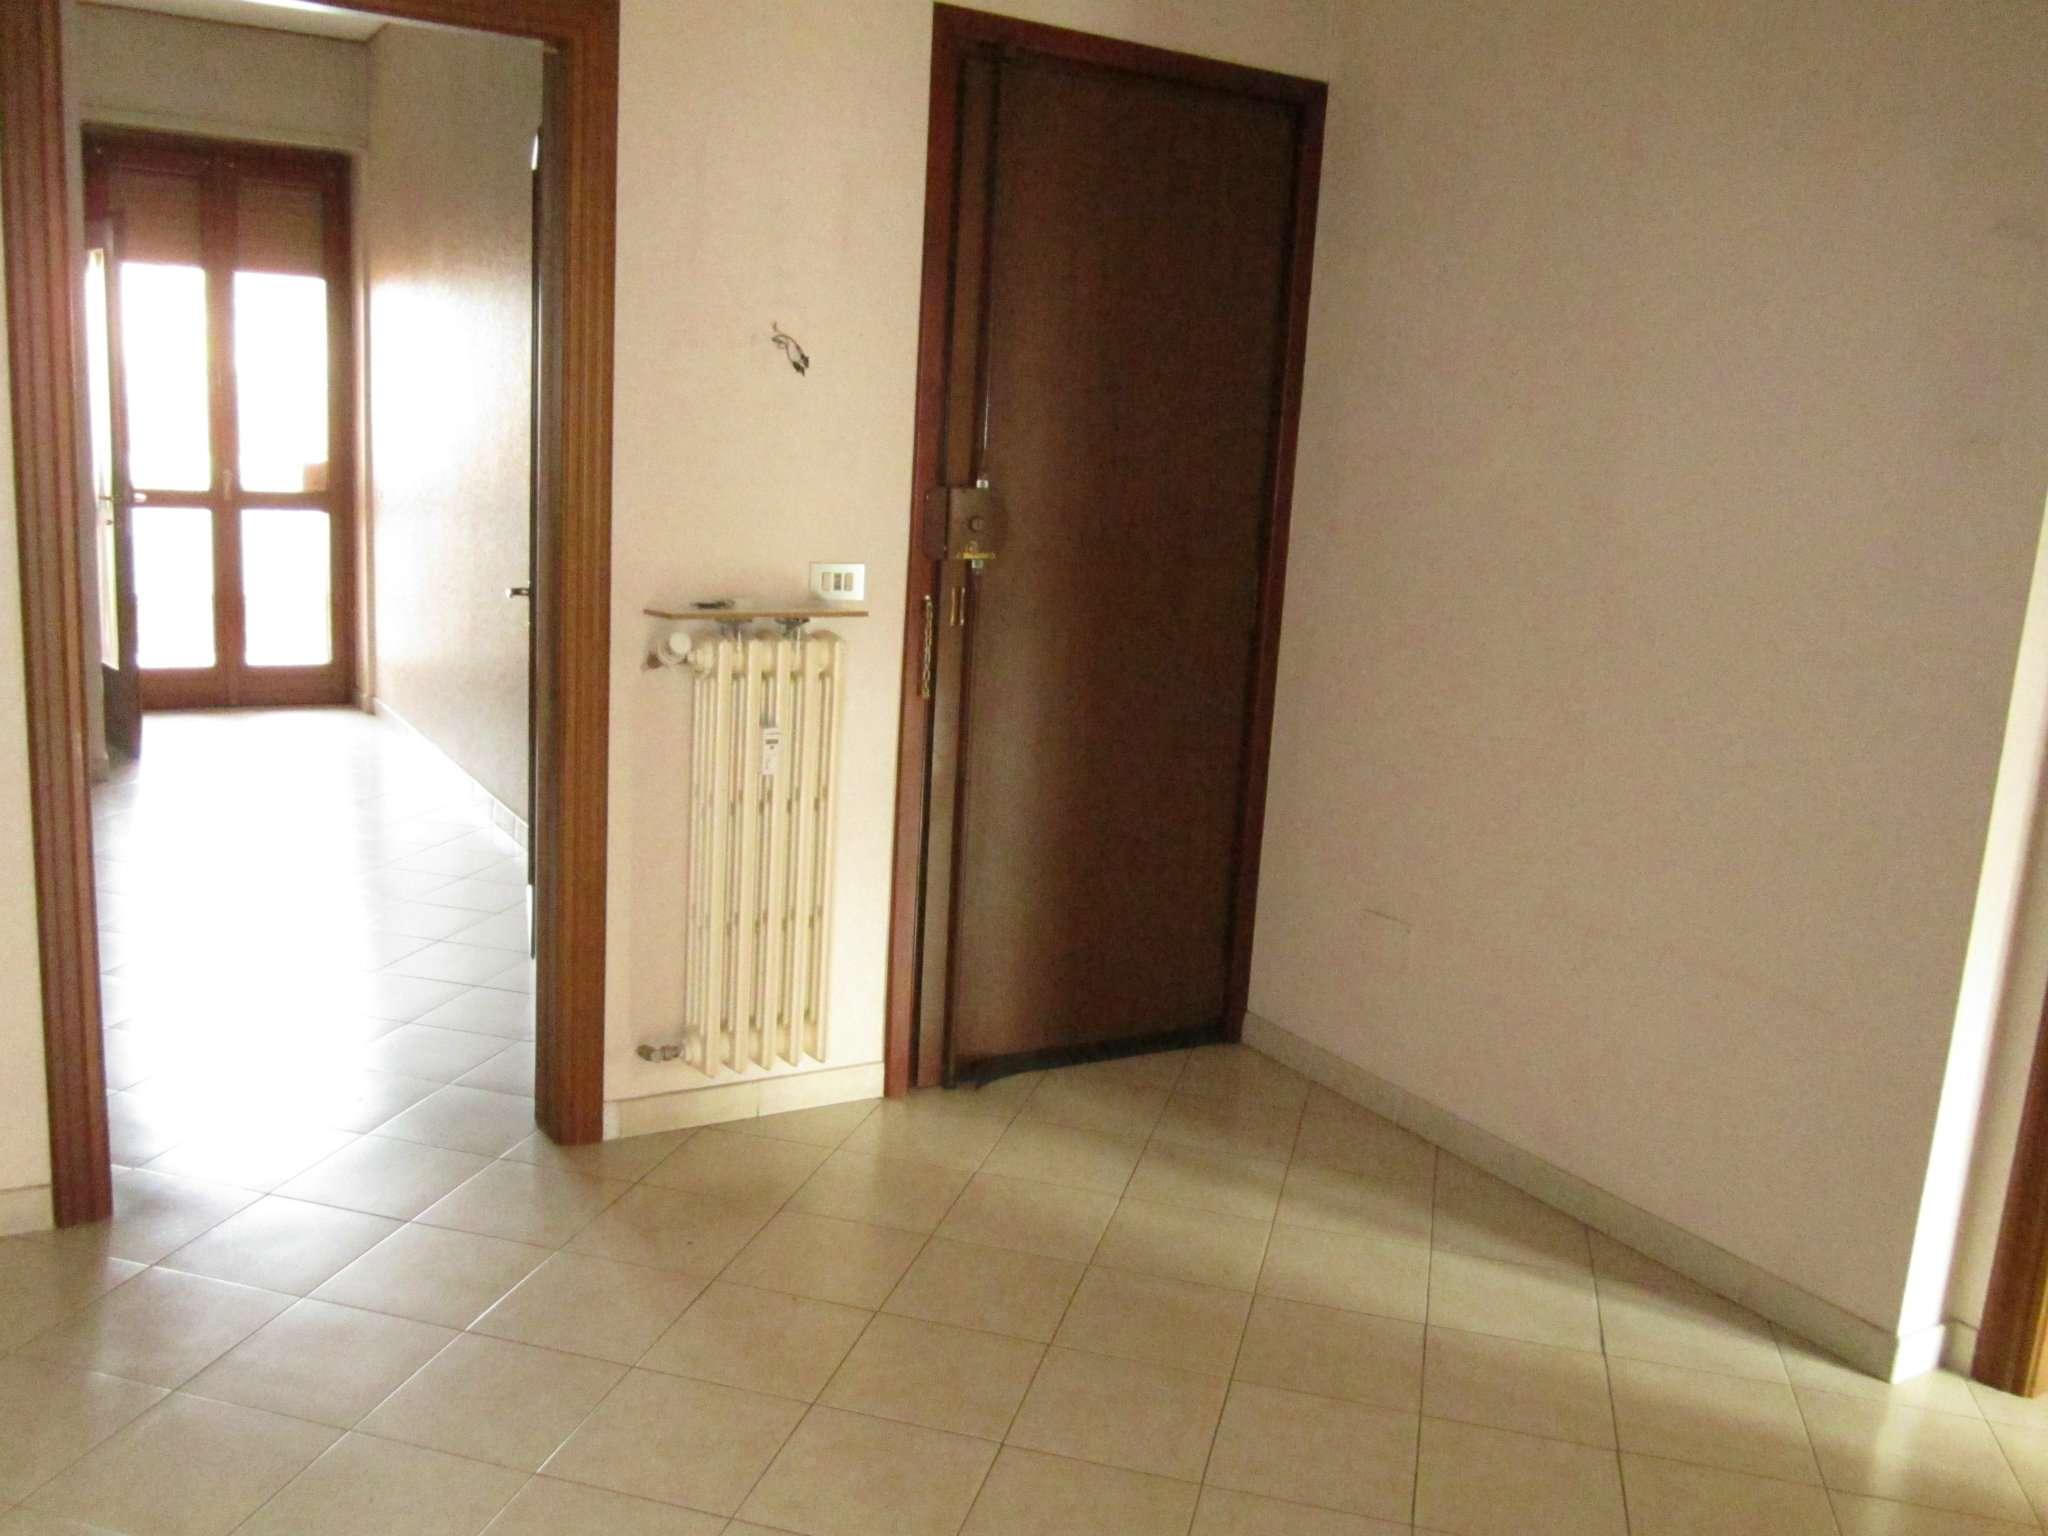 Appartamento in vendita a Nichelino, 3 locali, prezzo € 135.000   CambioCasa.it